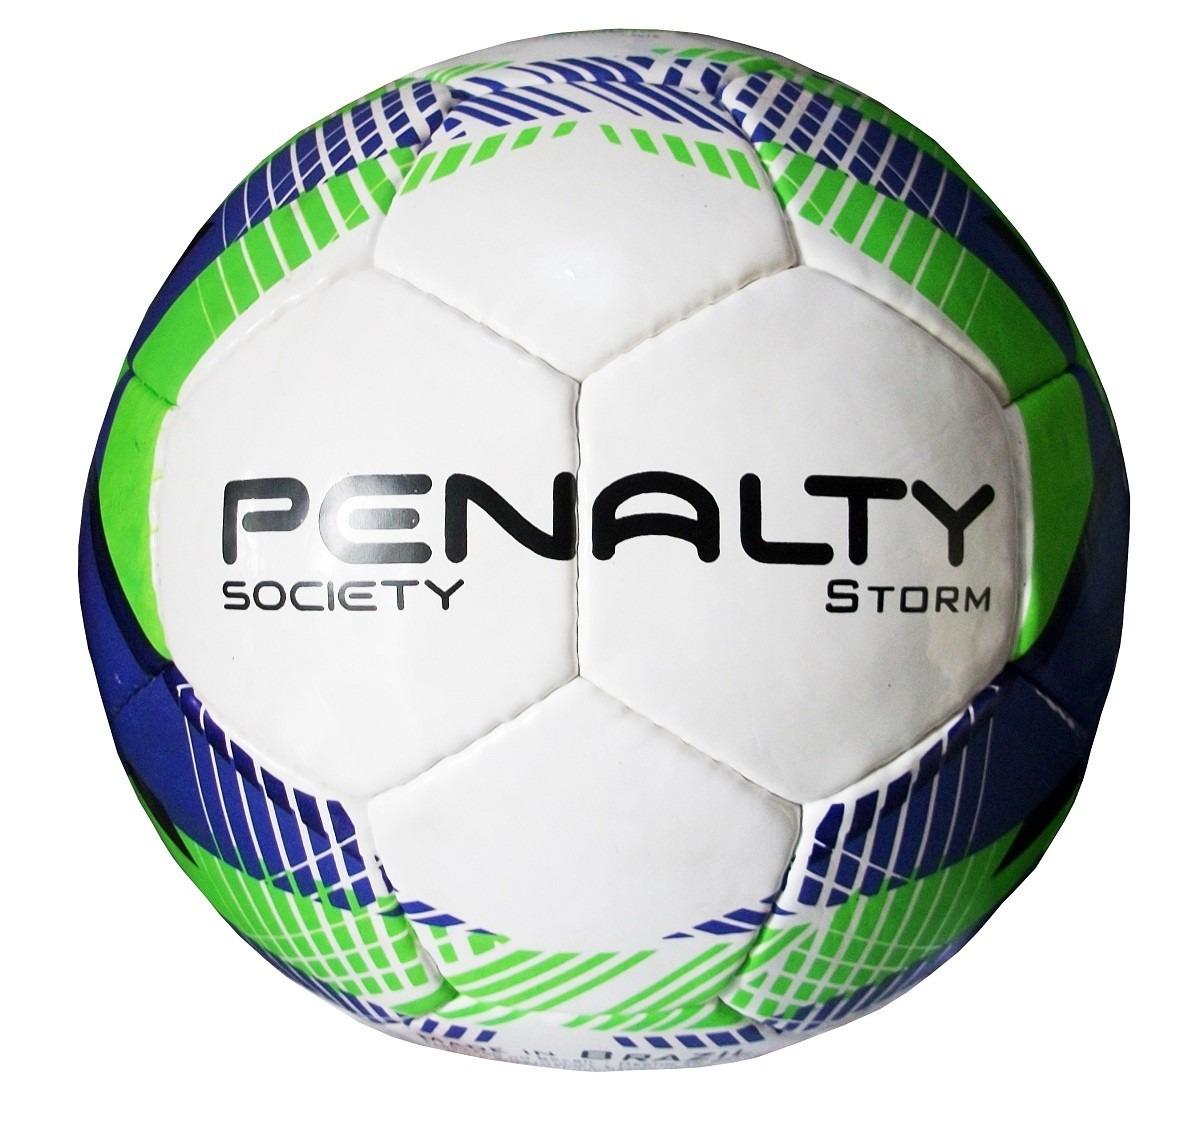 Bola De Futebol Society Penalty Storm Costurada - R  104 637453d638d23